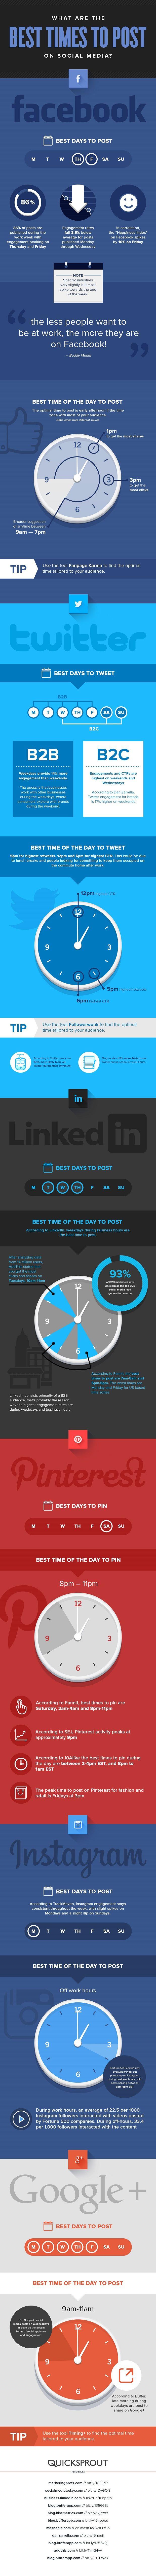 Infographic tijd van posten